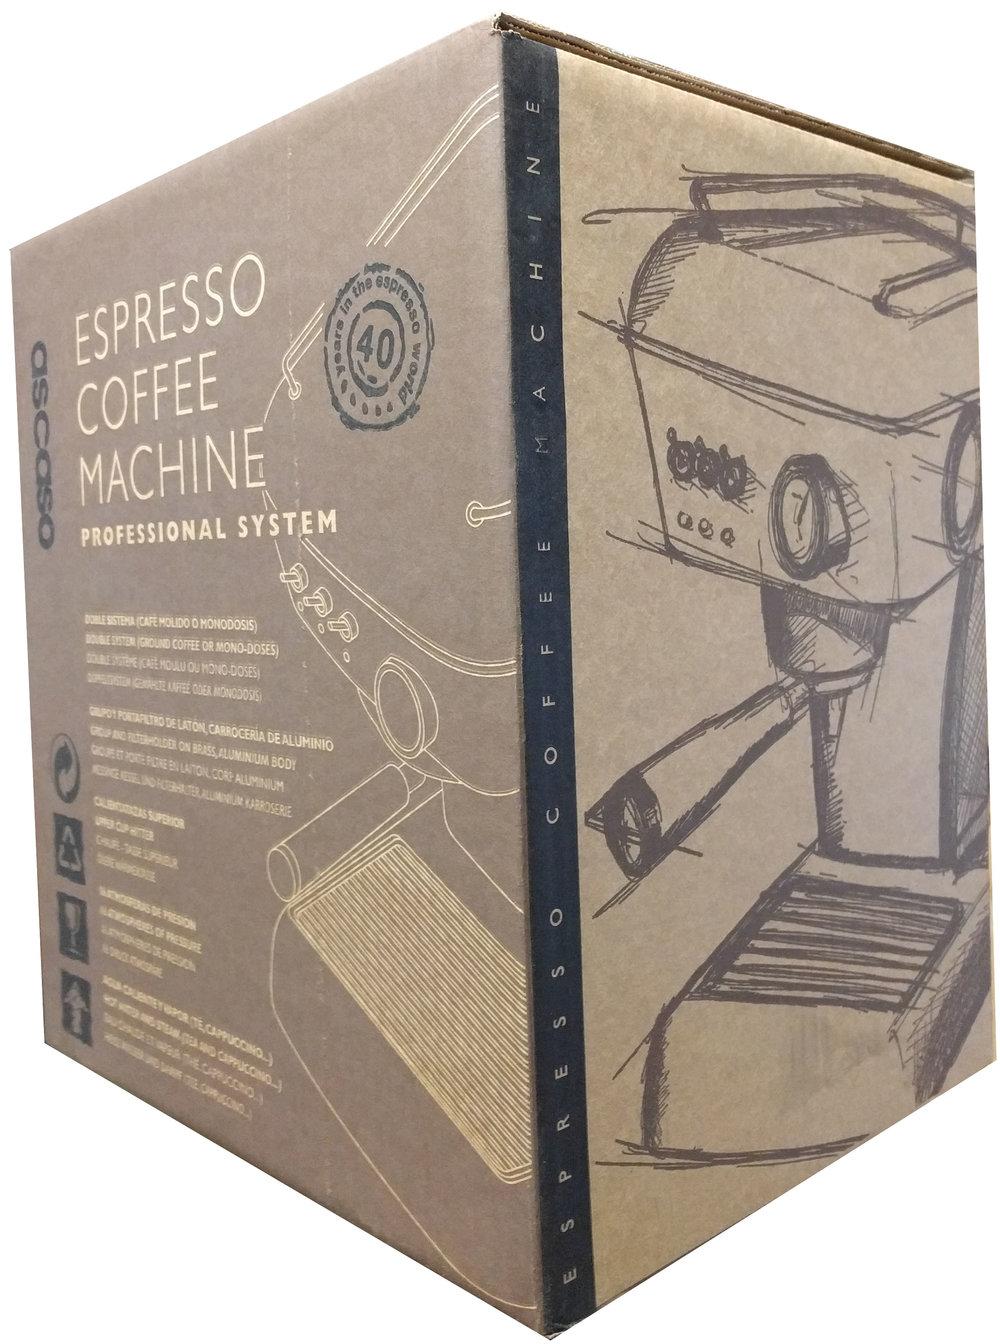 Ascaso dream Espresso machine: Retail $899.